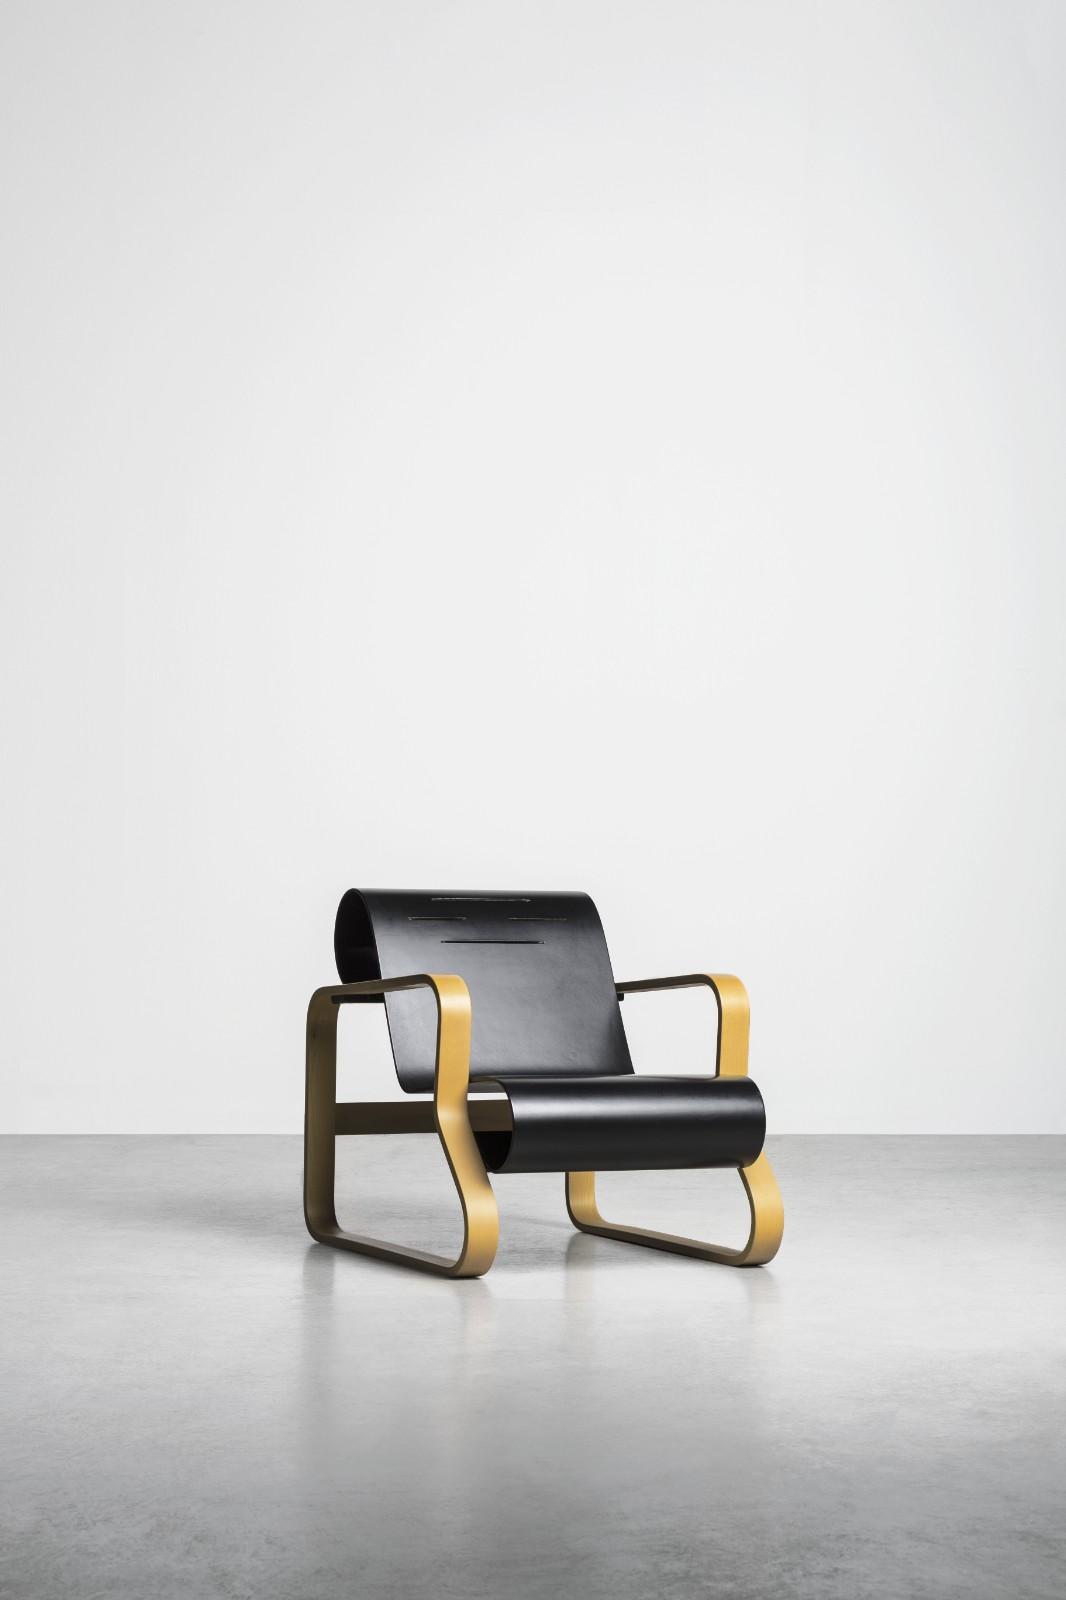 09 阿爾瓦·阿爾托 帕米奧41號扶手椅  1933年.jpg